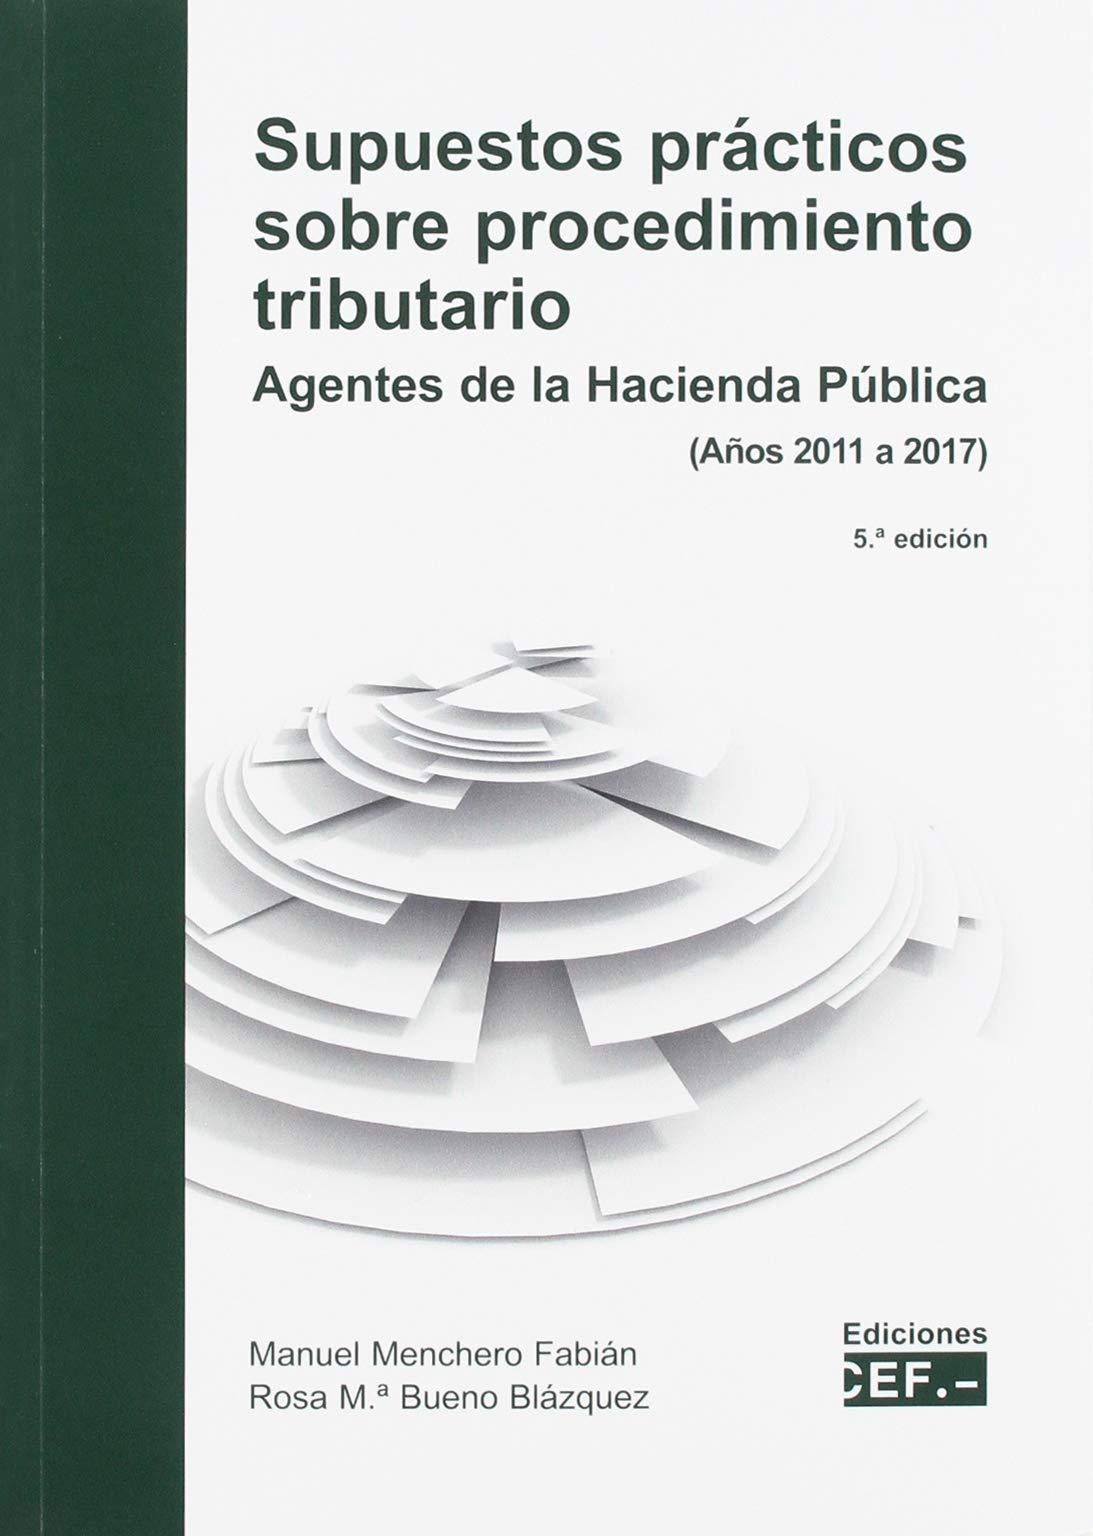 Supuestos prácticos sobre procedimiento tributario. Agente de la Hacienda Pública (Años 2011 a 2017)